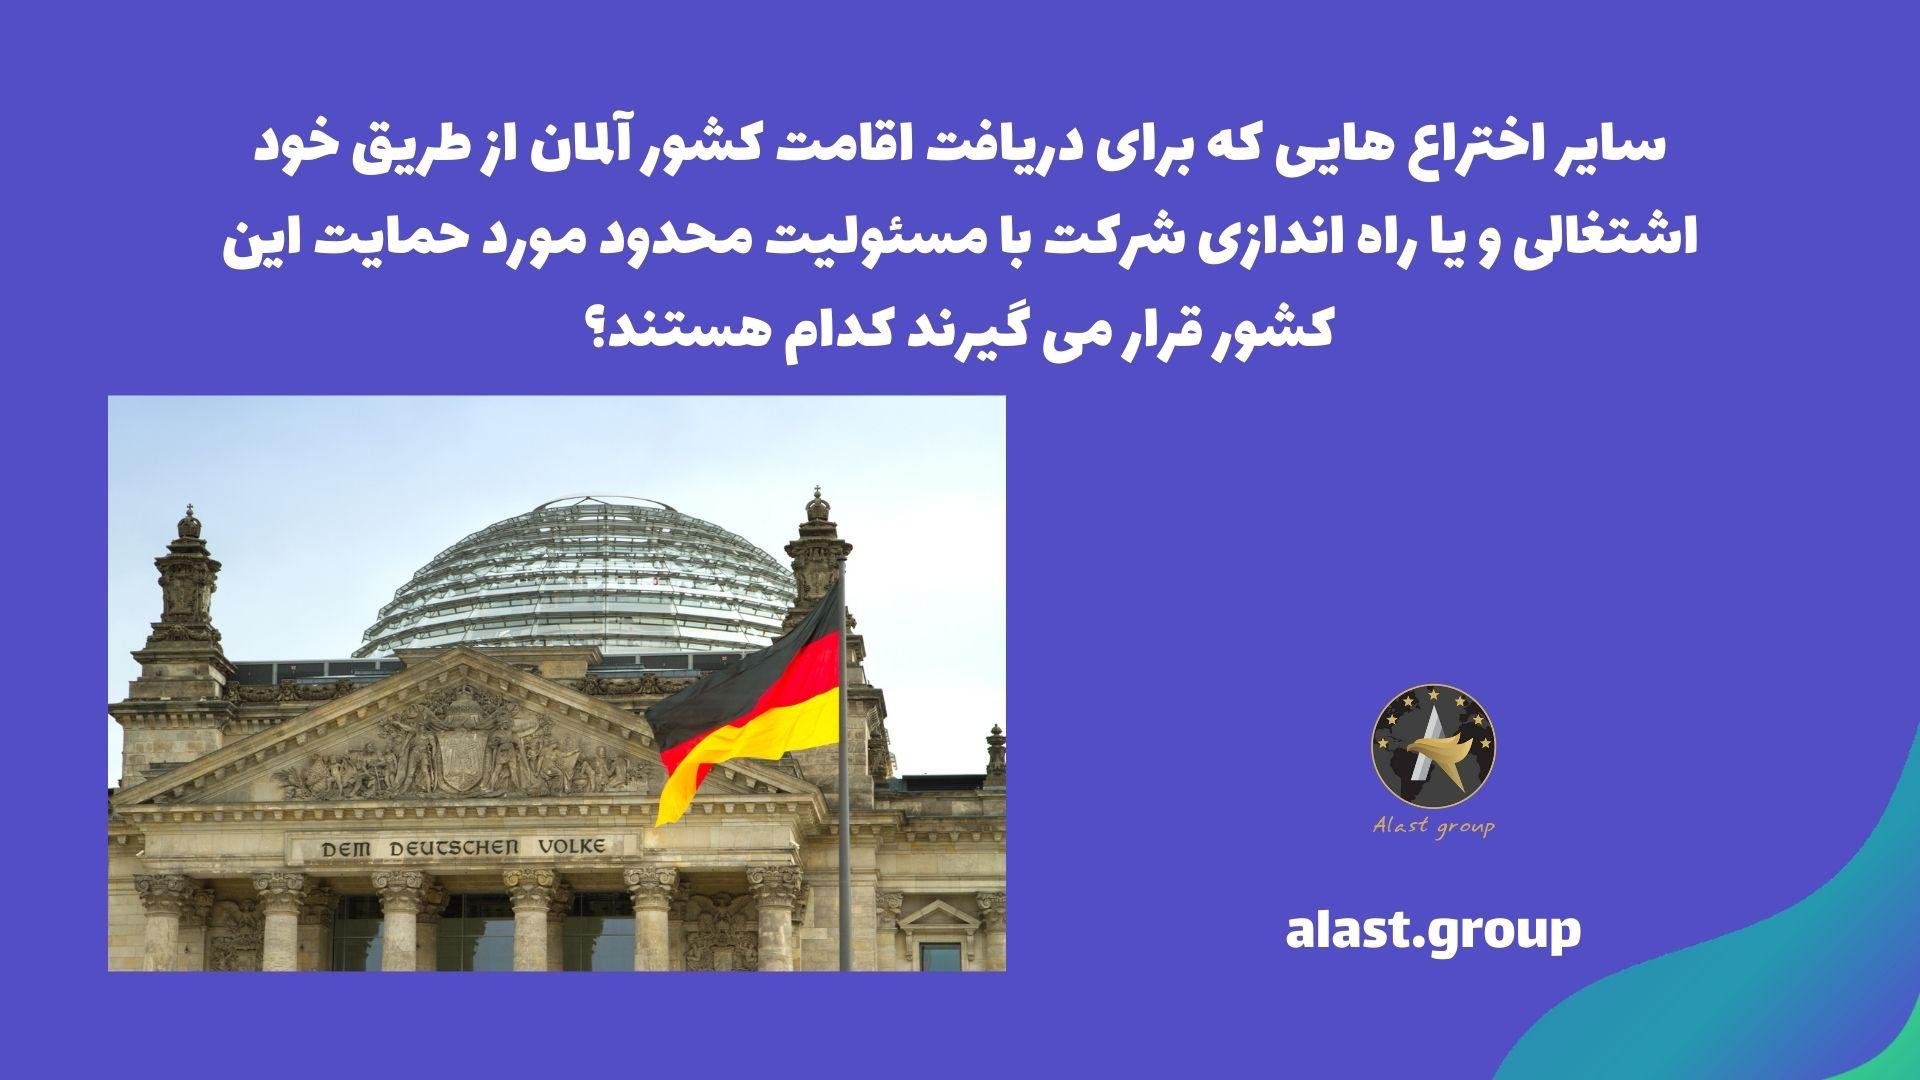 سایر اختراع هایی که برای دریافت اقامت کشور آلمان از طریق خود اشتغالی و یا راه اندازی شرکت با مسئولیت محدود مورد حمایت این کشور قرار می گیرند، کدام هستند؟